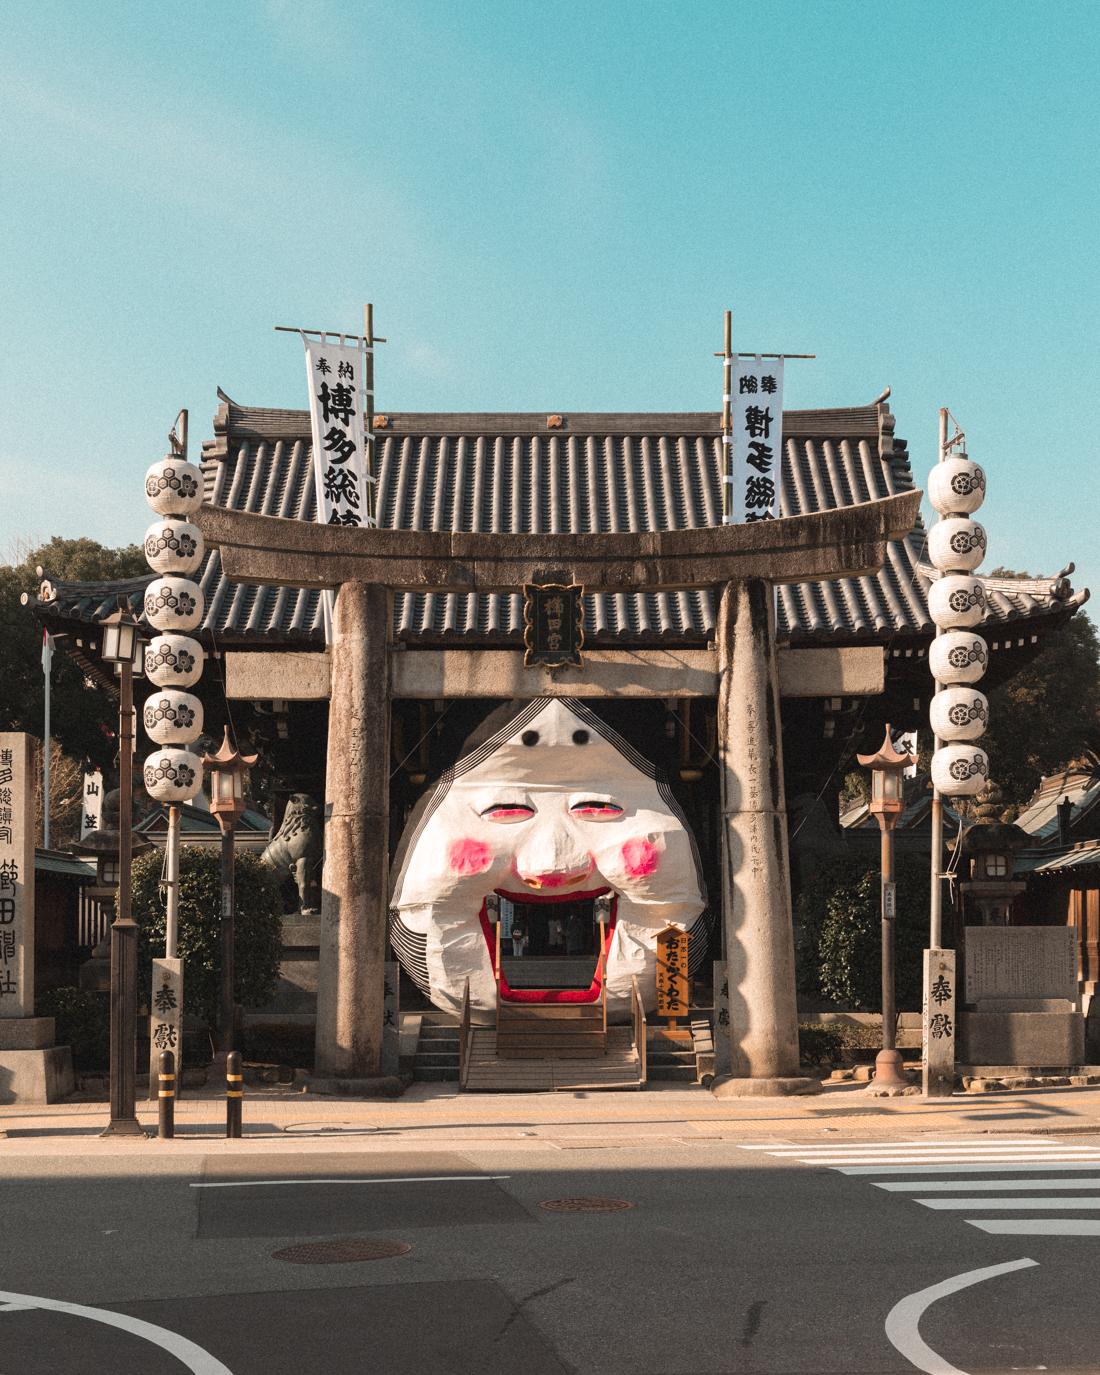 Découverte de KYUSHU : entre onsen, ryokan, tradition, nature et gastronomie